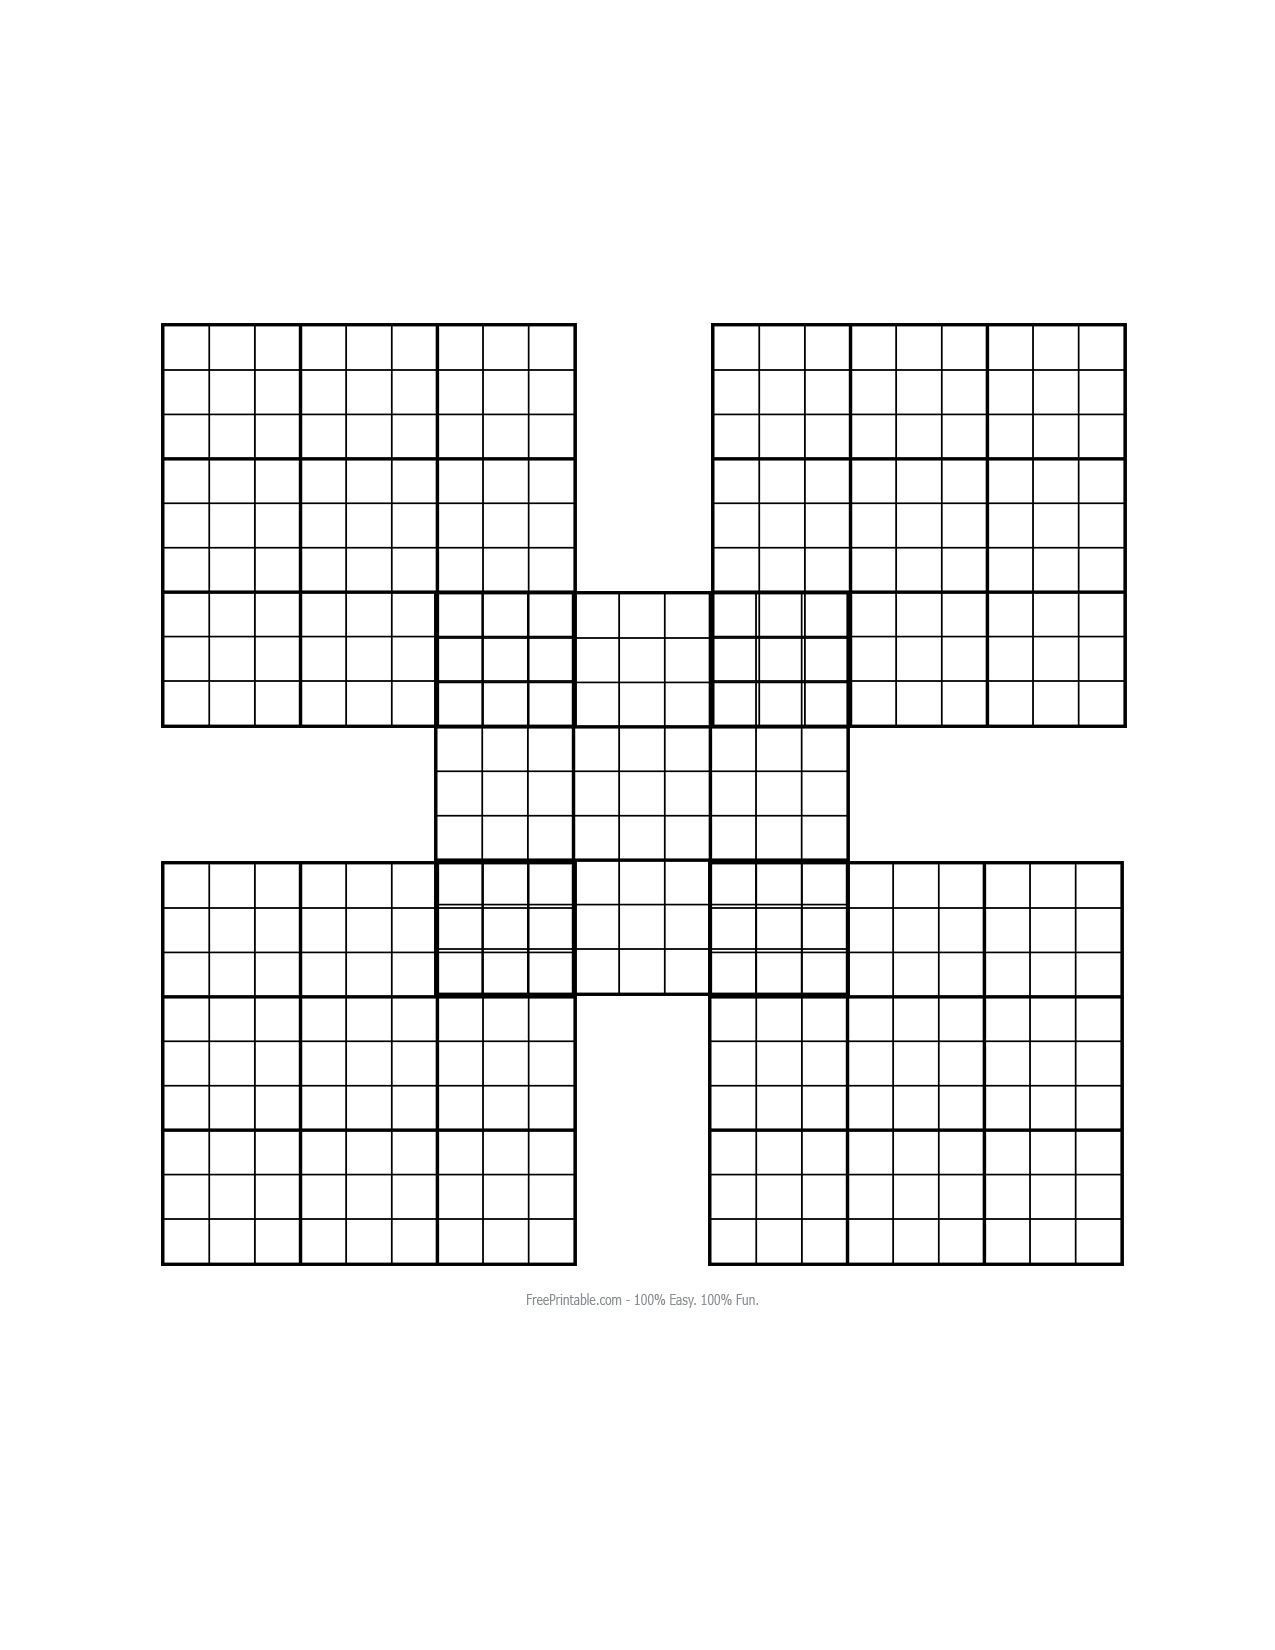 Blank Sudoku Printable Worksheets